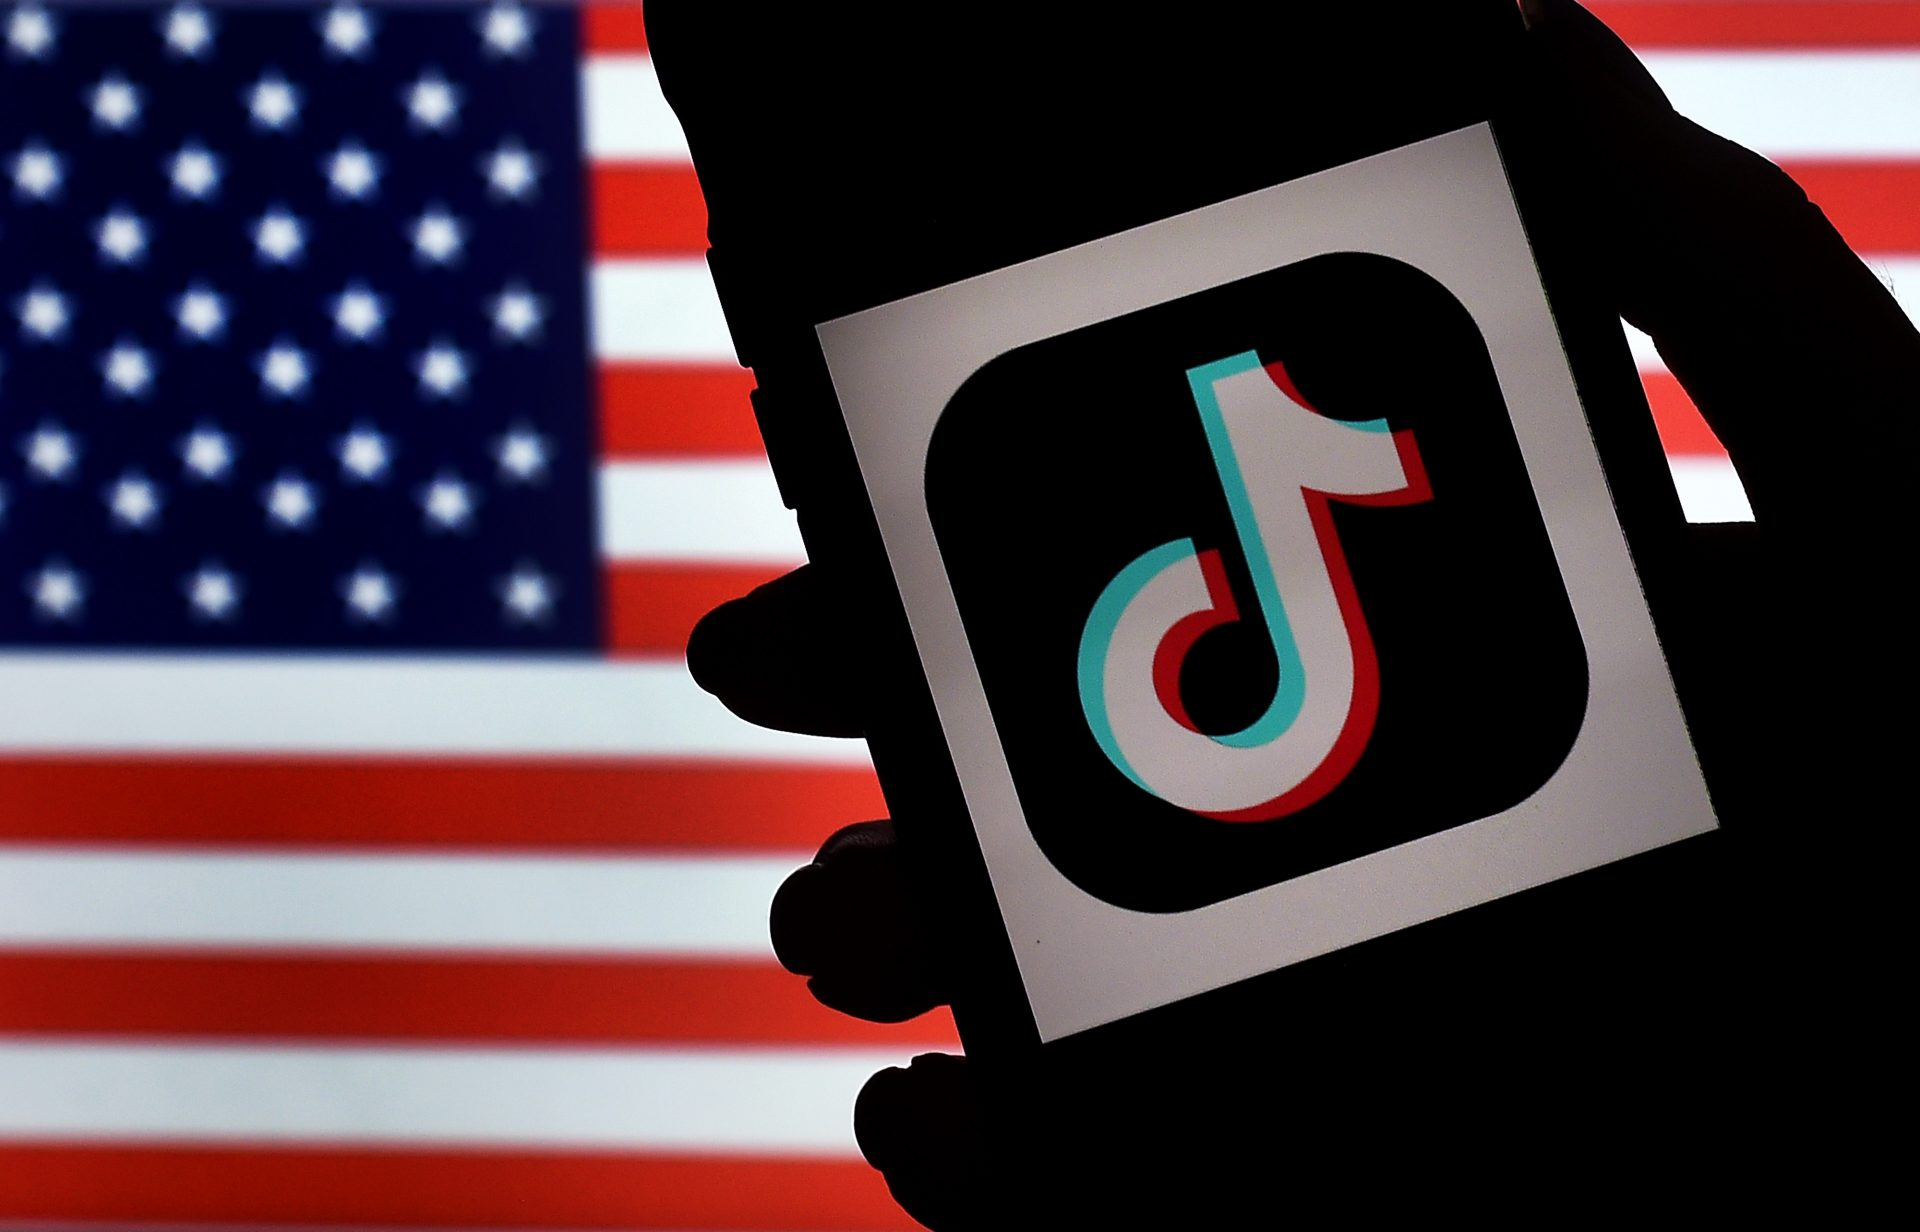 TikTok adoptă noi măsuri pentru combaterea dezinformării, cu puțin timp înainte de alegerile prezindențiale din SUA